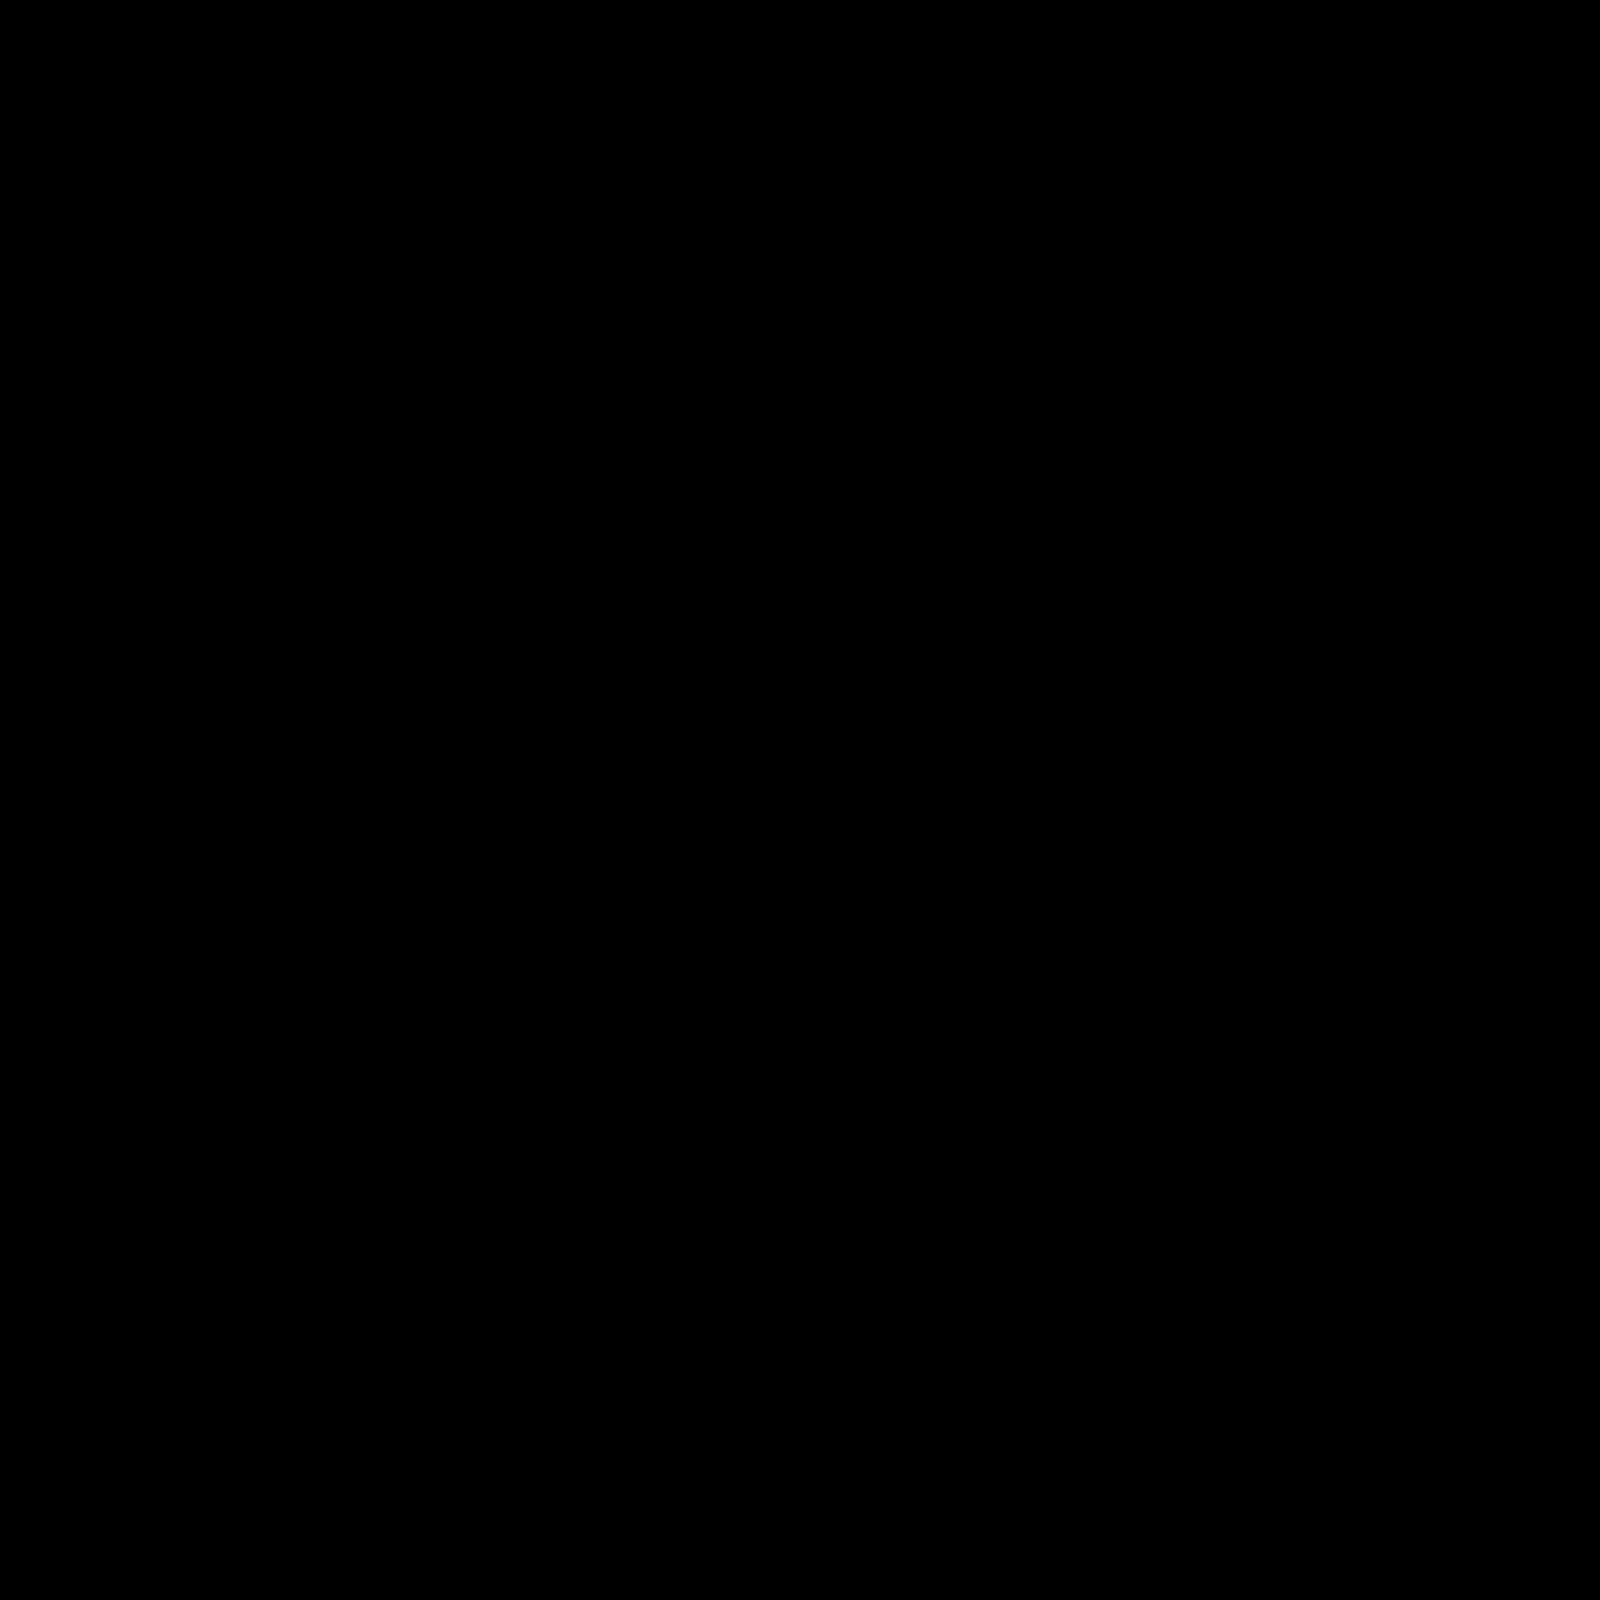 Popularity icon